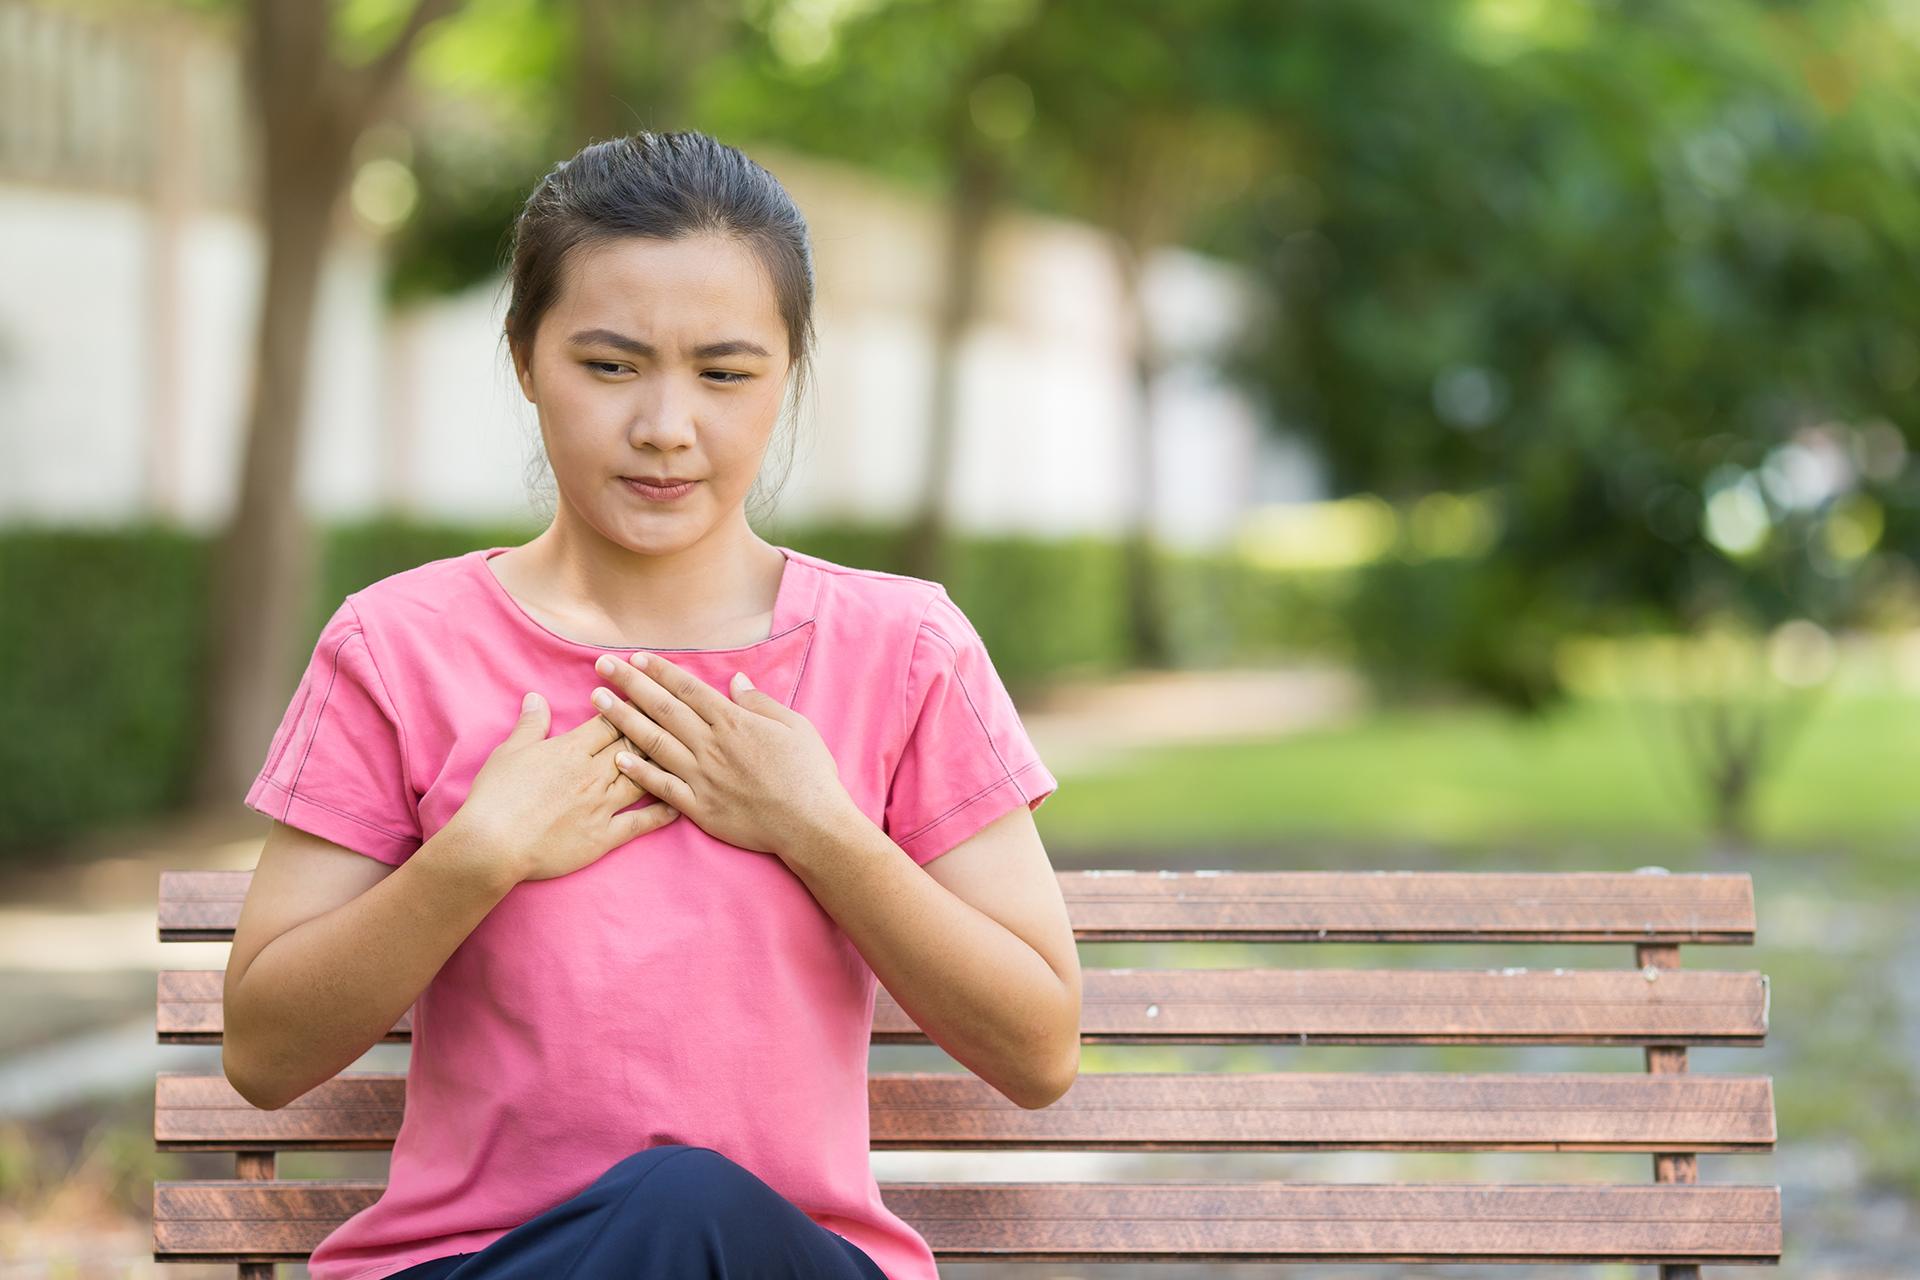 Medidas caseiras para resolver seu refluxo gastroesofágico!